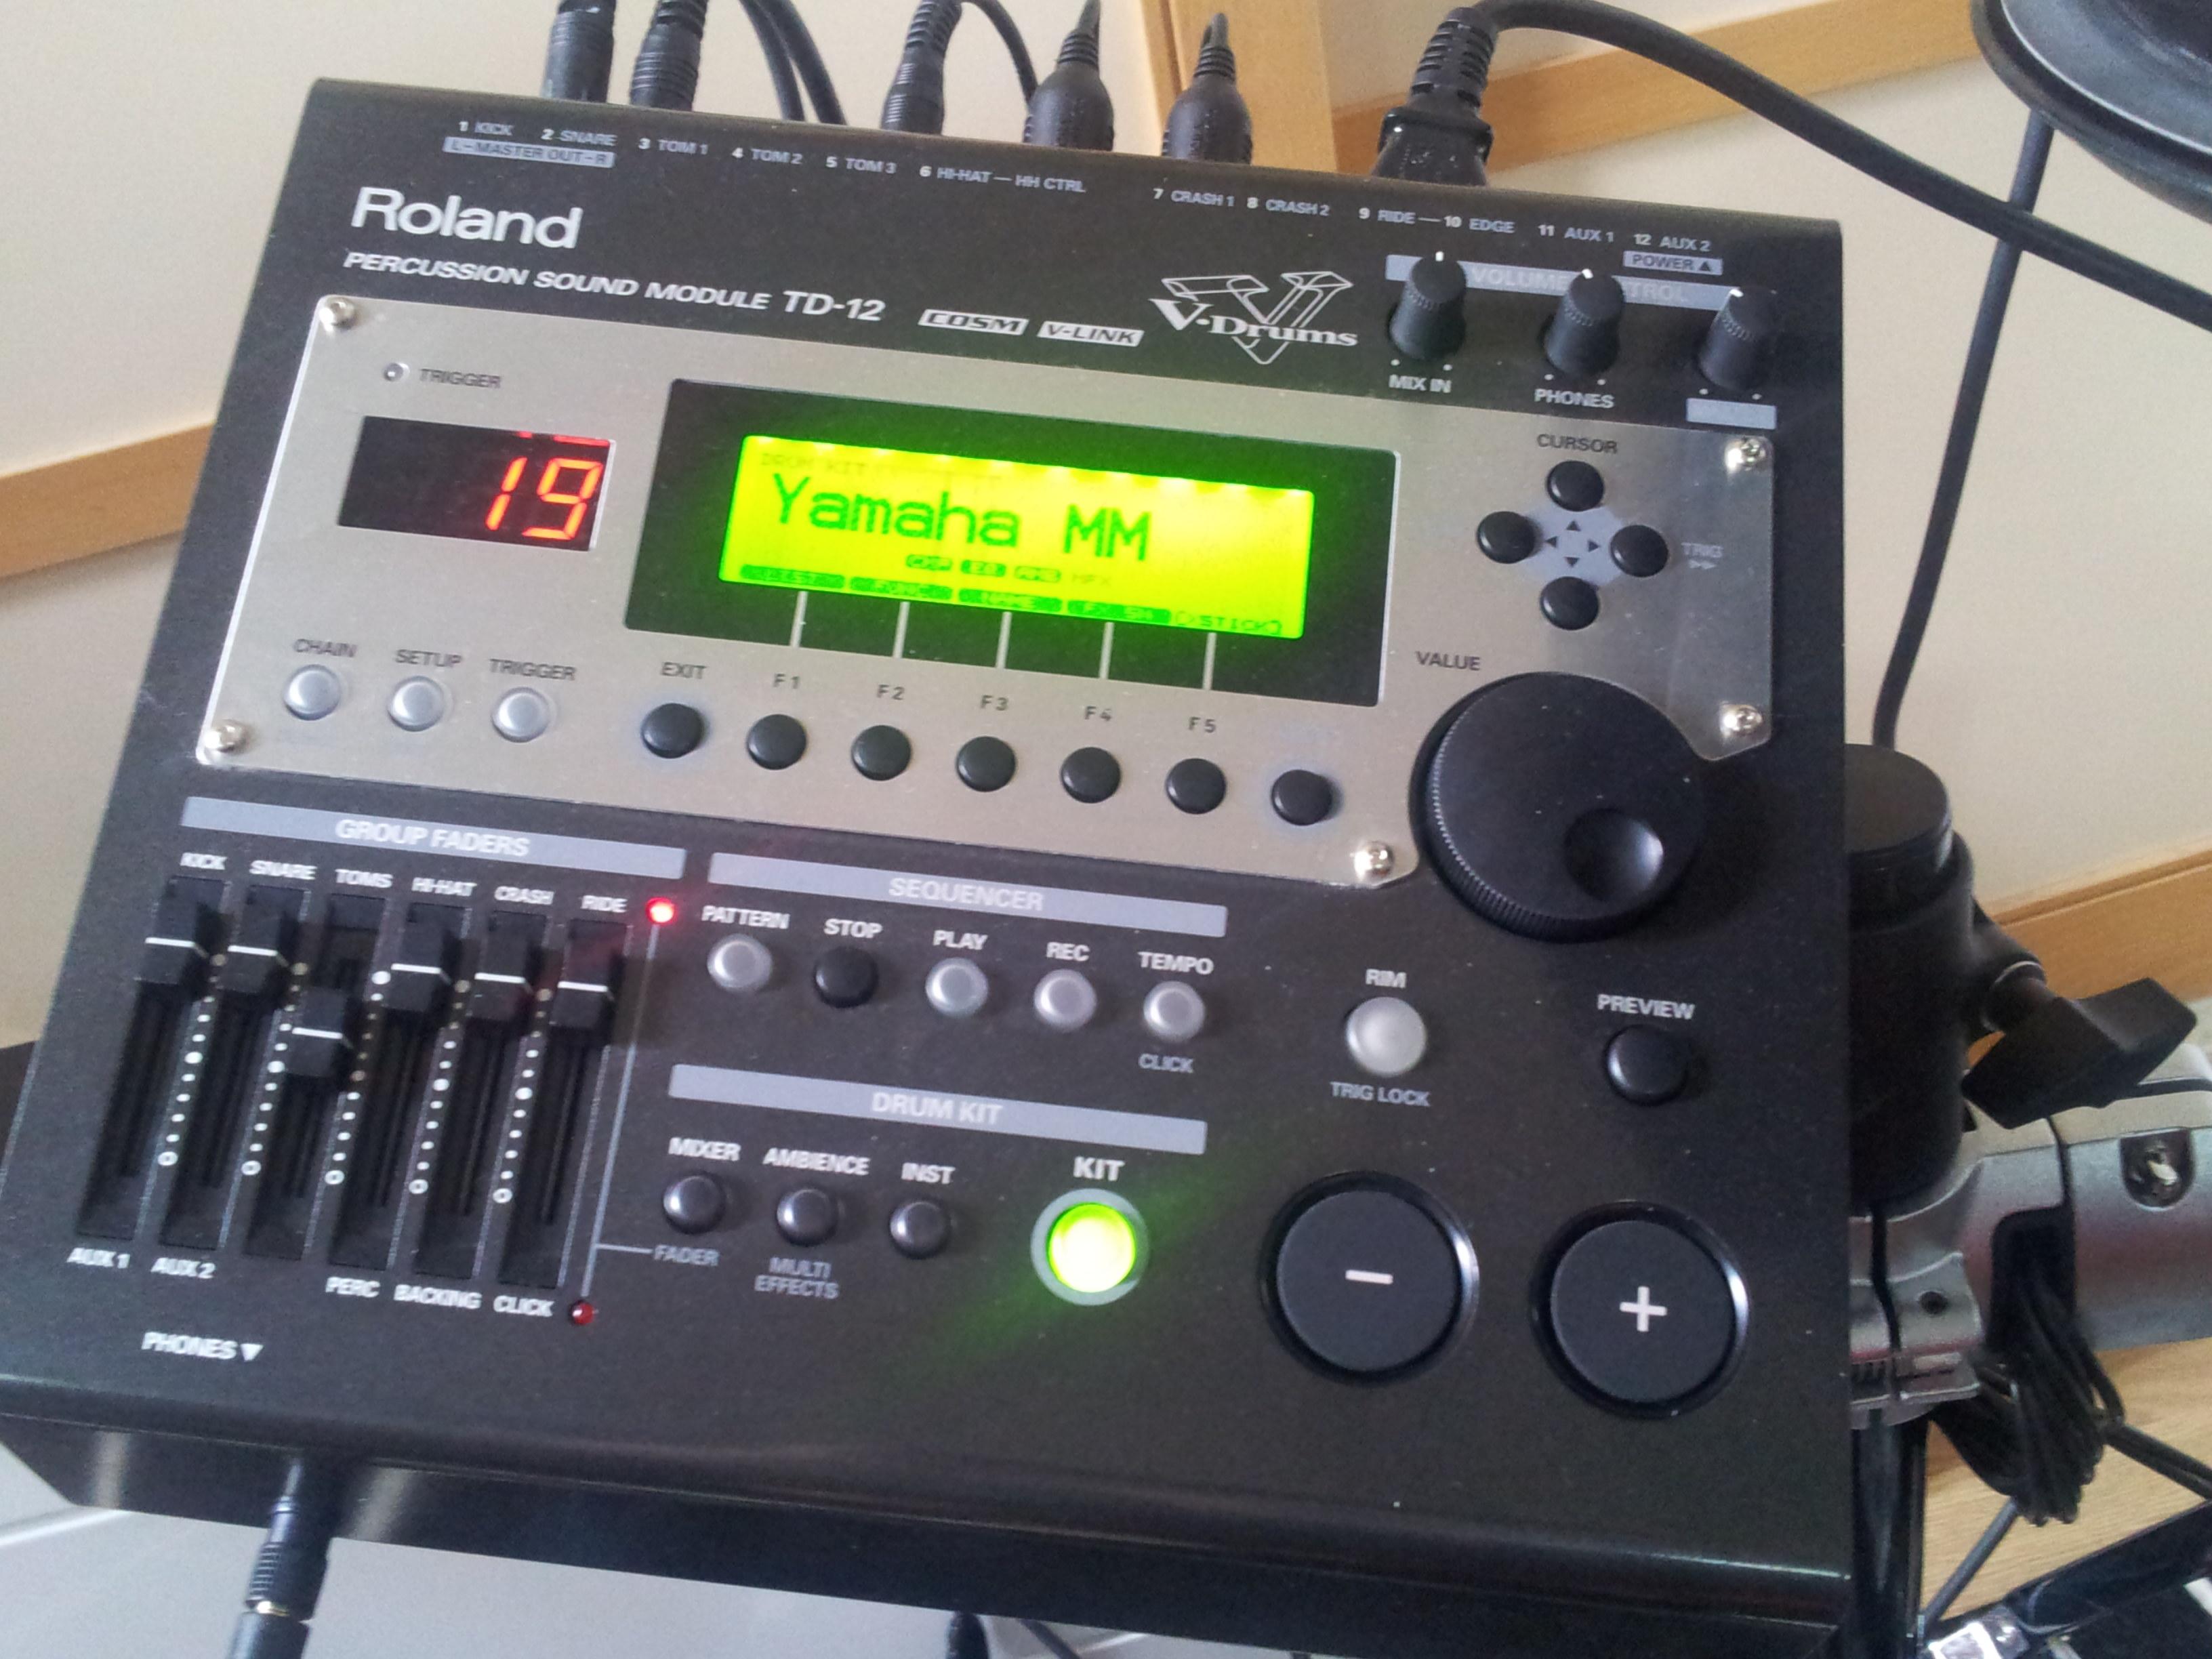 roland td 12 module image 723302 audiofanzine rh en audiofanzine com roland td-12 service manual roland td-12 manual español